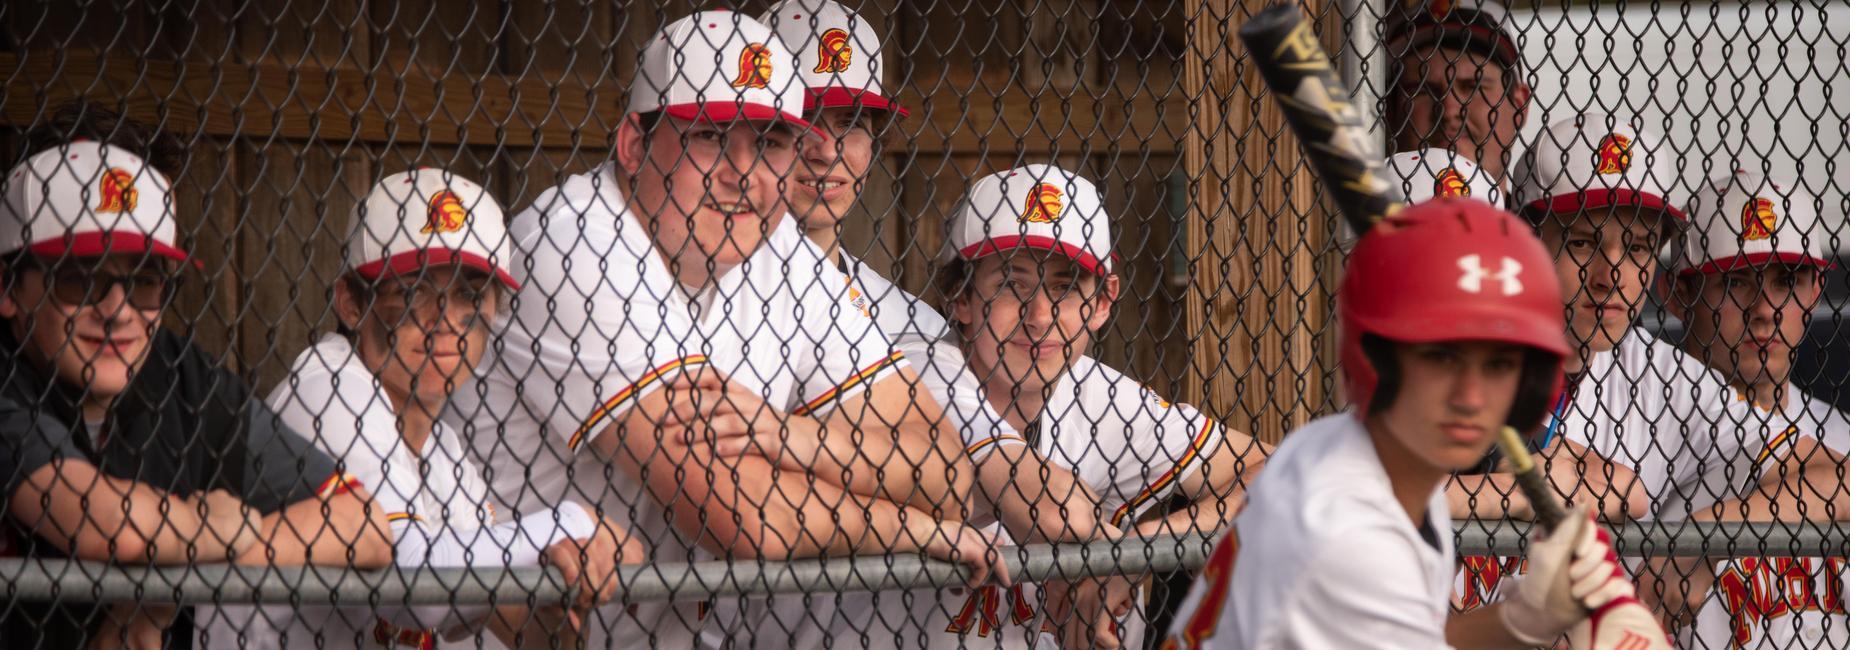 North Catholic Baseball